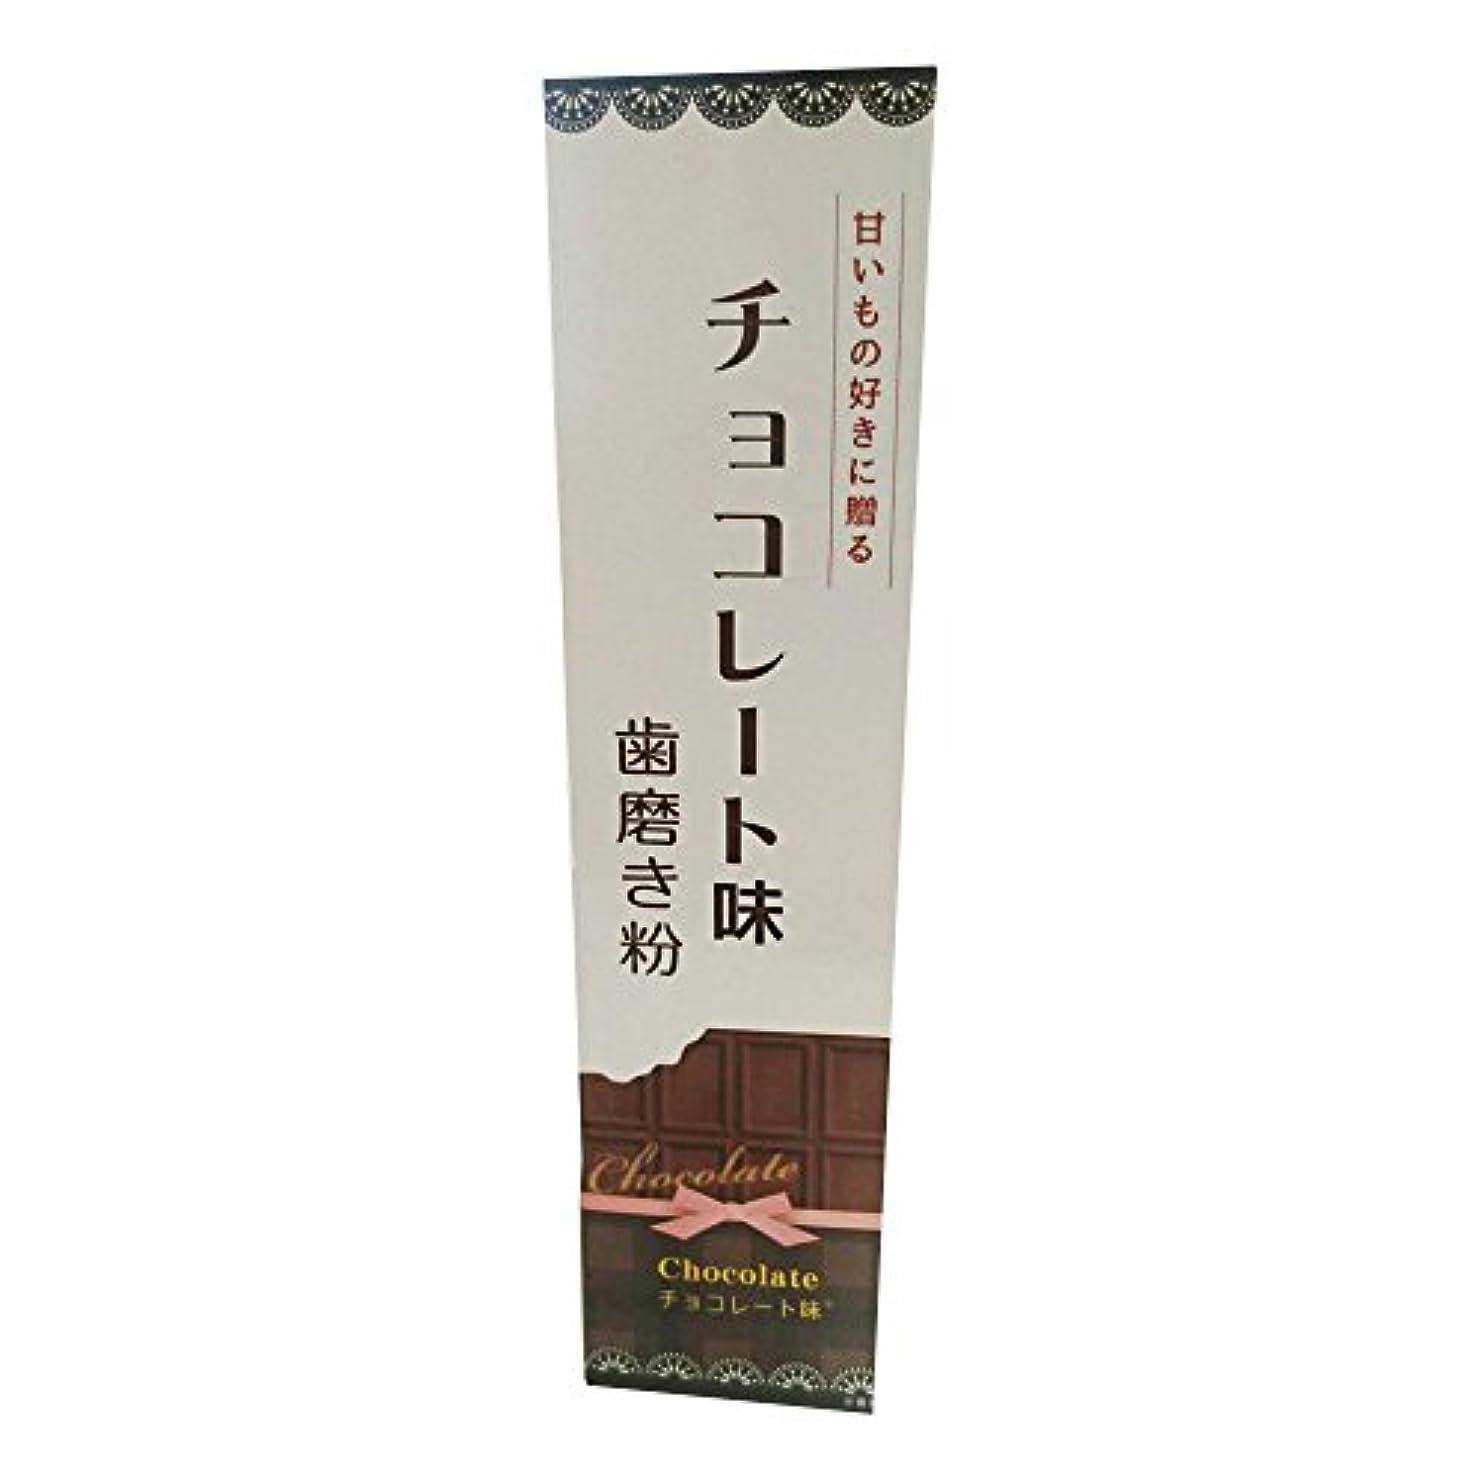 カフェ受益者洗練フレーバー歯磨き粉チョコレート味 70g